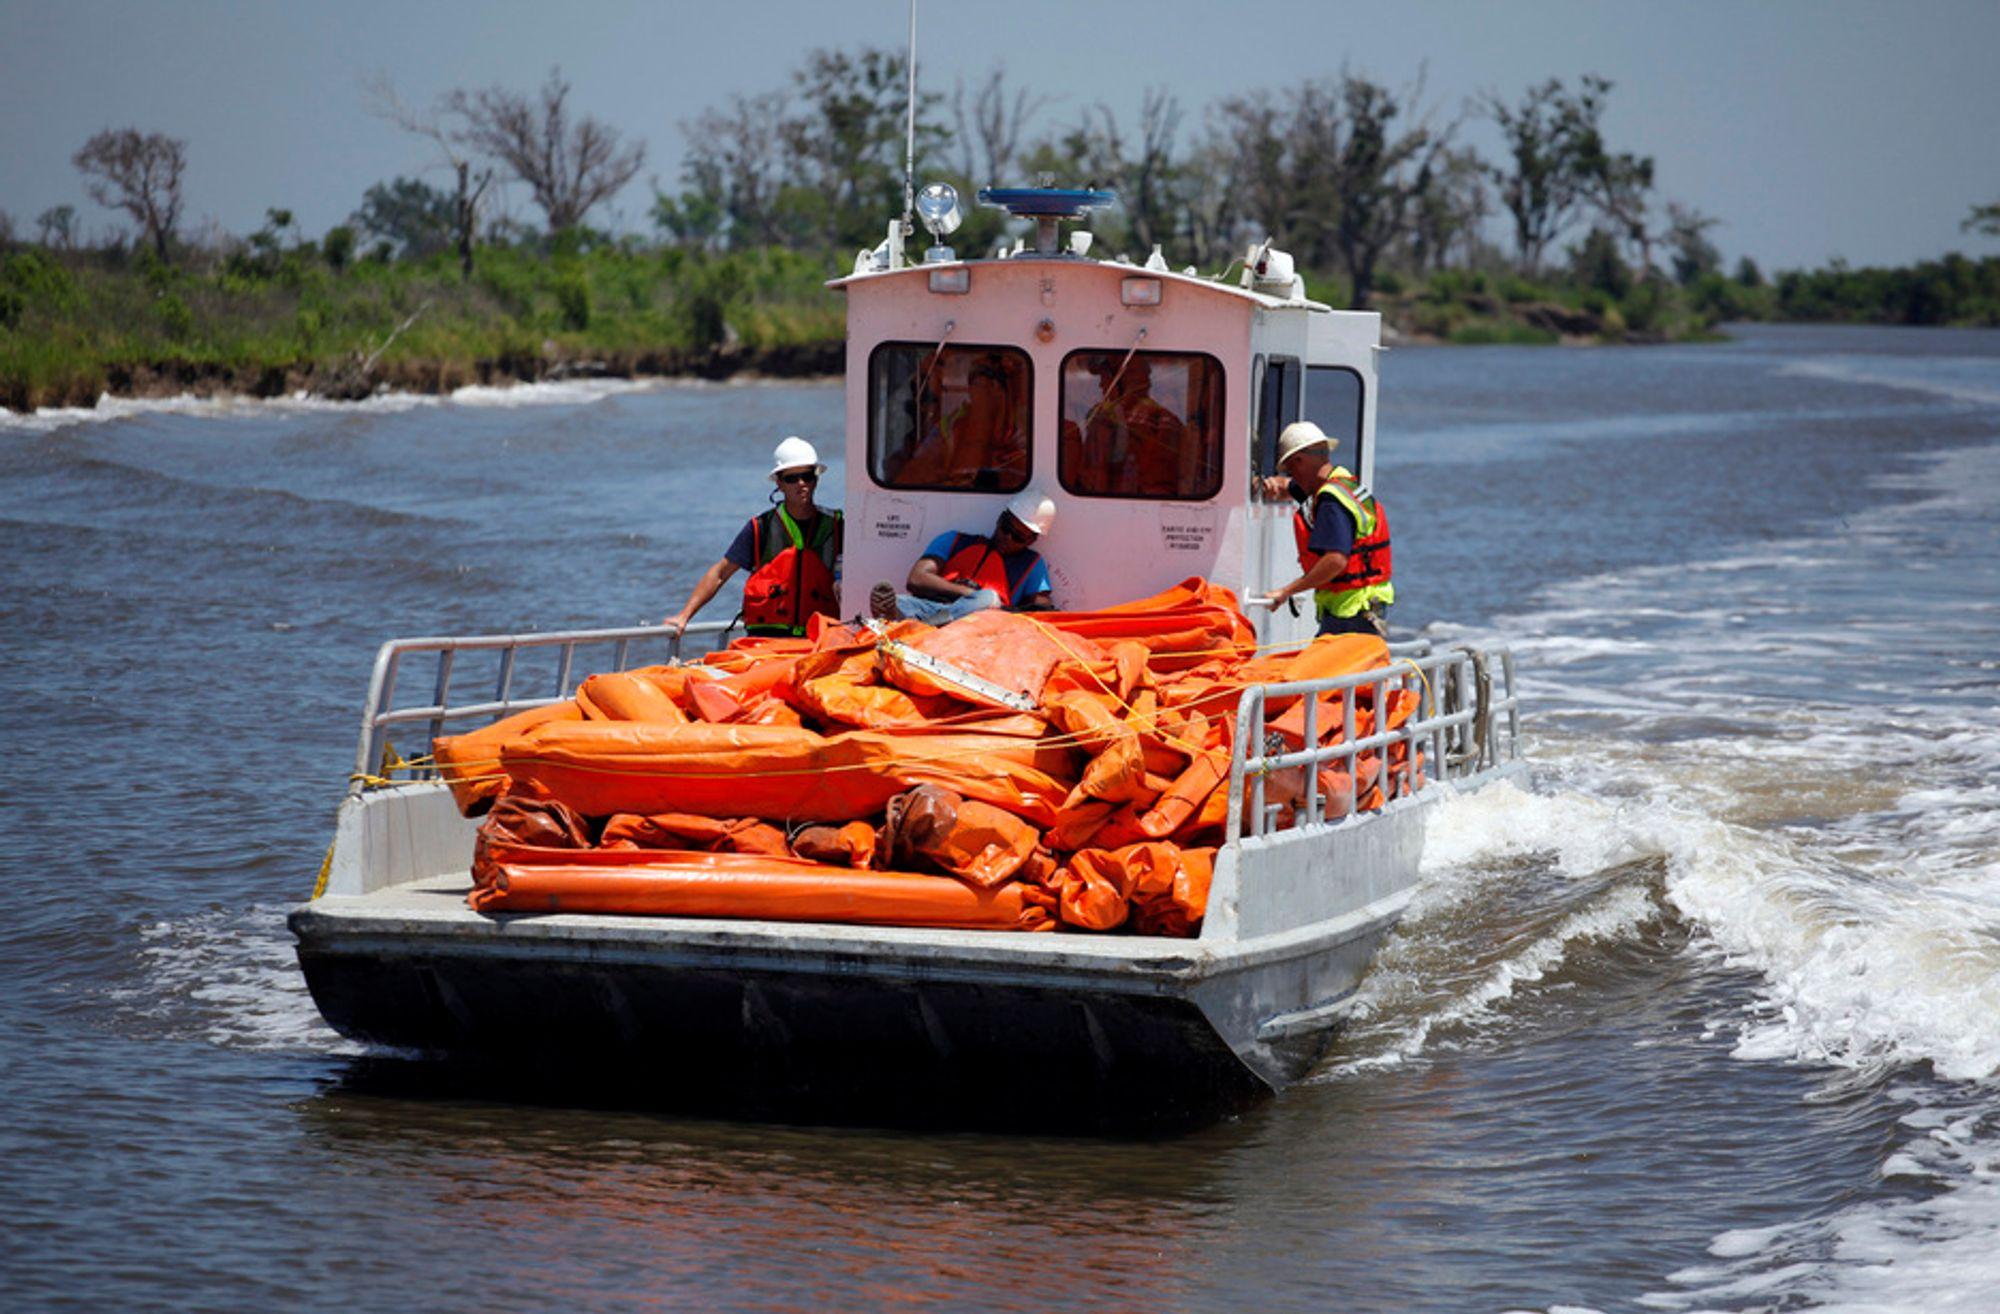 En båt på vei til å legge lenser for å hindre oljesøl i å nå land i Louisiana. Oljekatastrofen kan nå sette bom for klimaloven siden den inkluderer mer leting etter olje utenfor USAs kyster.